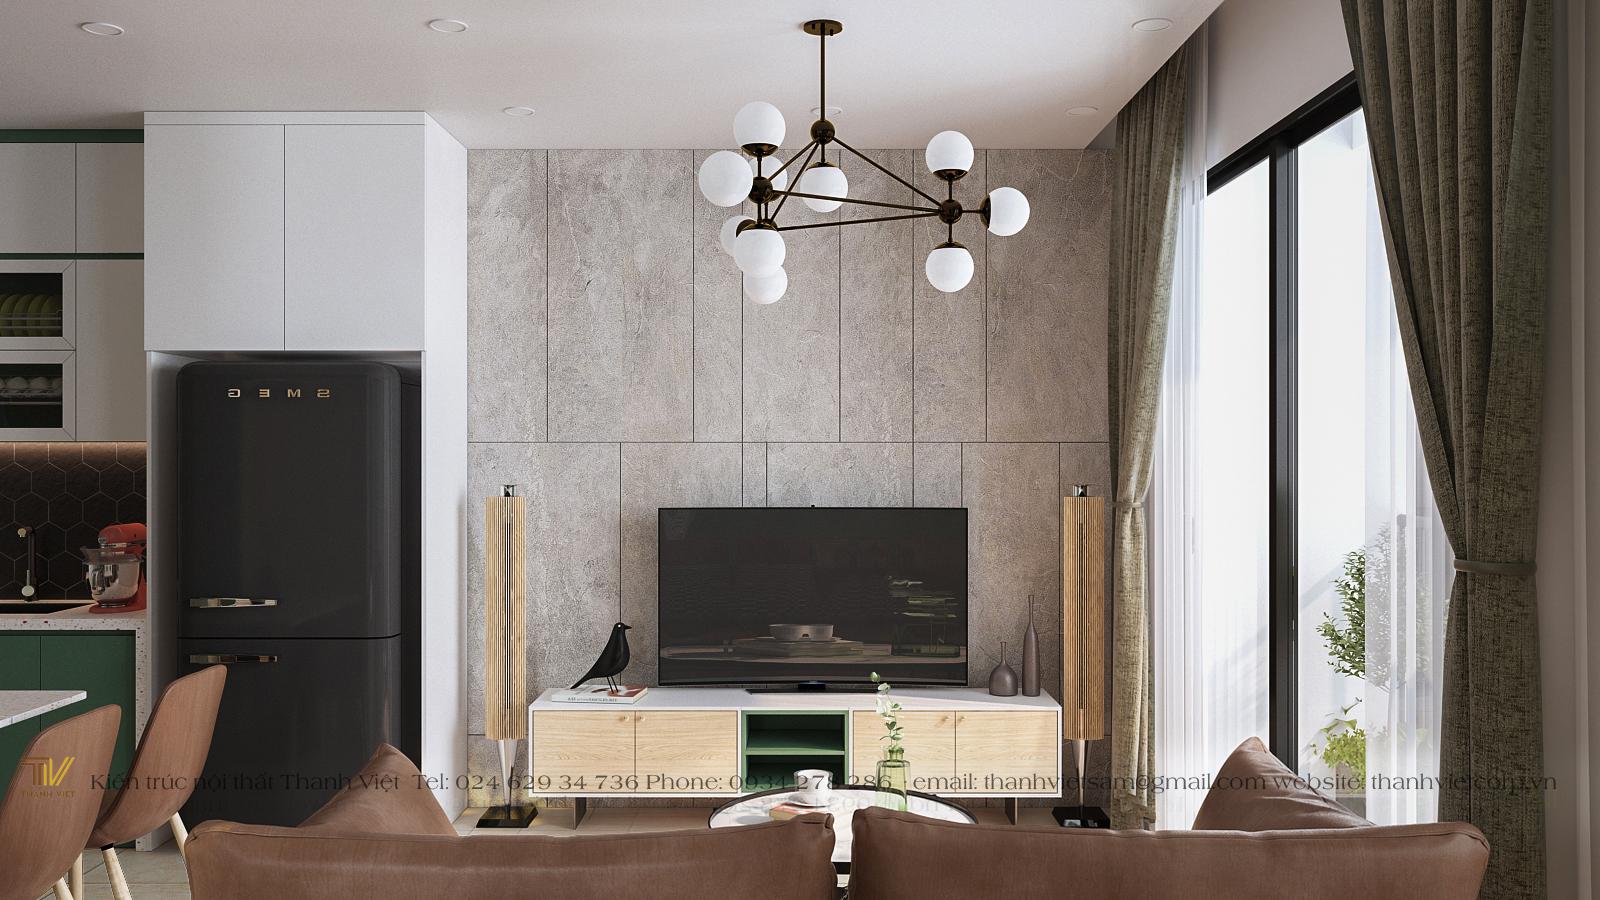 Đồ trang trí nội thất gỗ công nghiệp